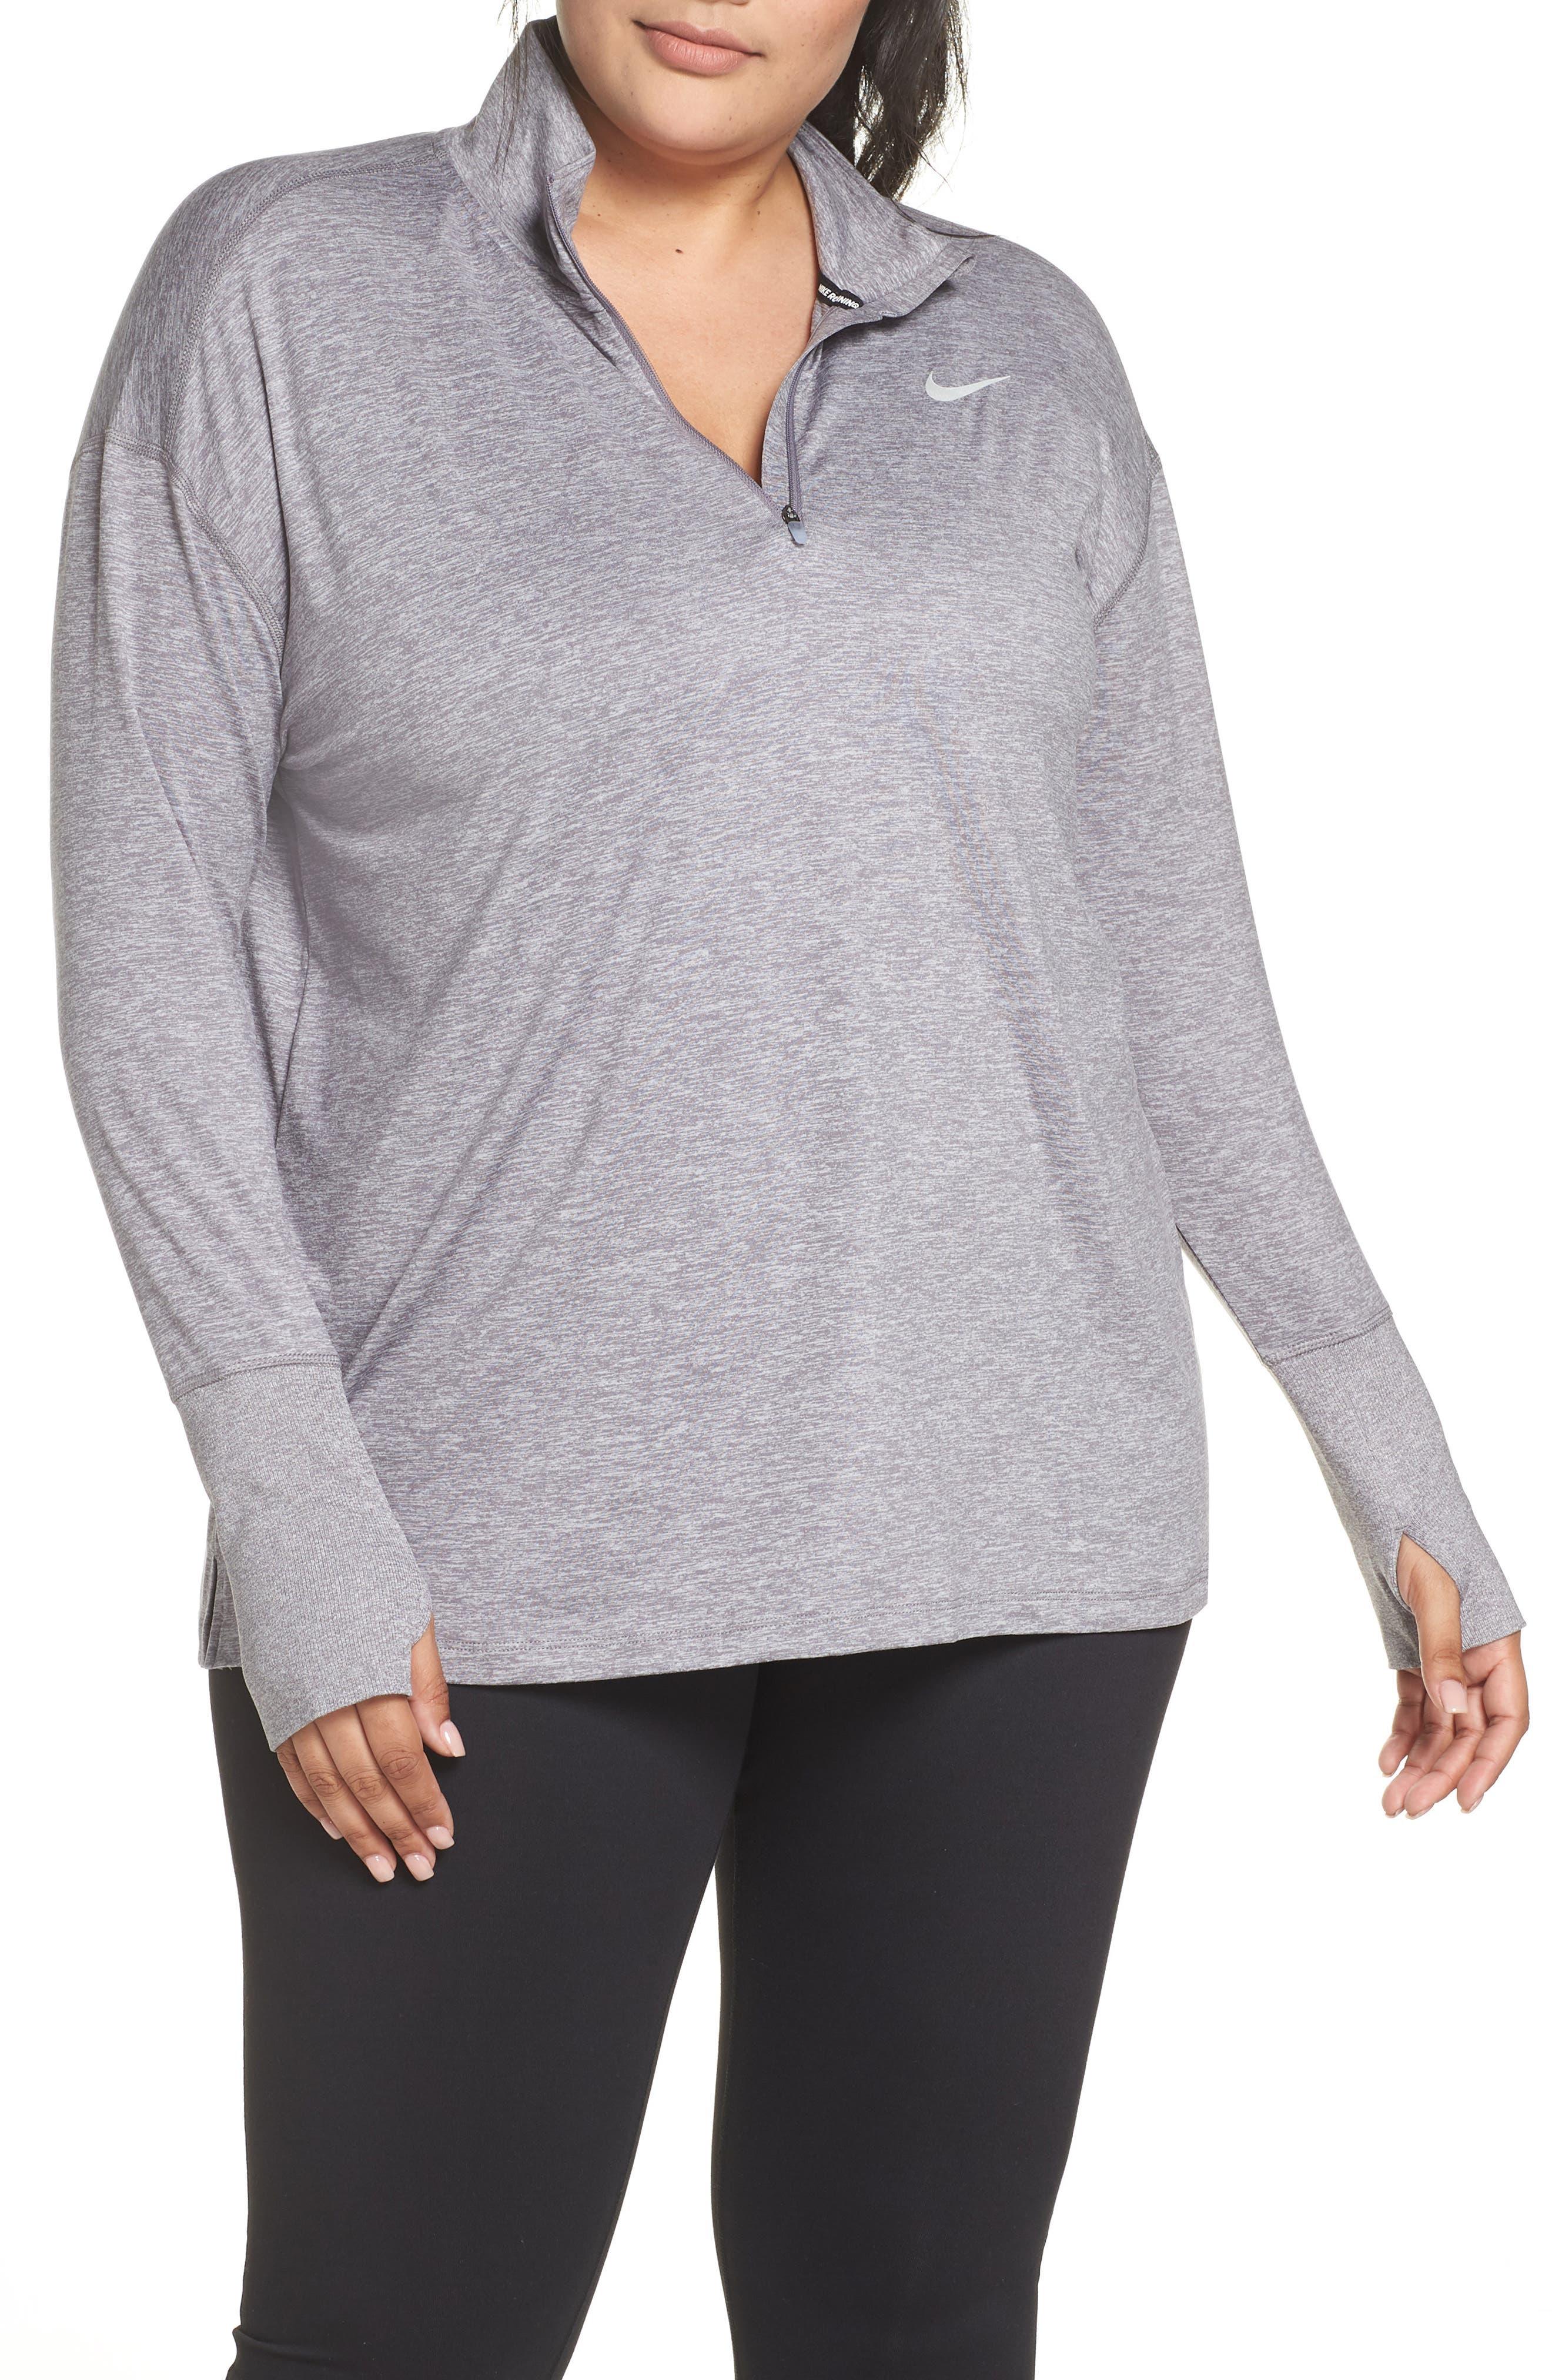 fd61558d974 Women s Nike Sweatshirts   Hoodies